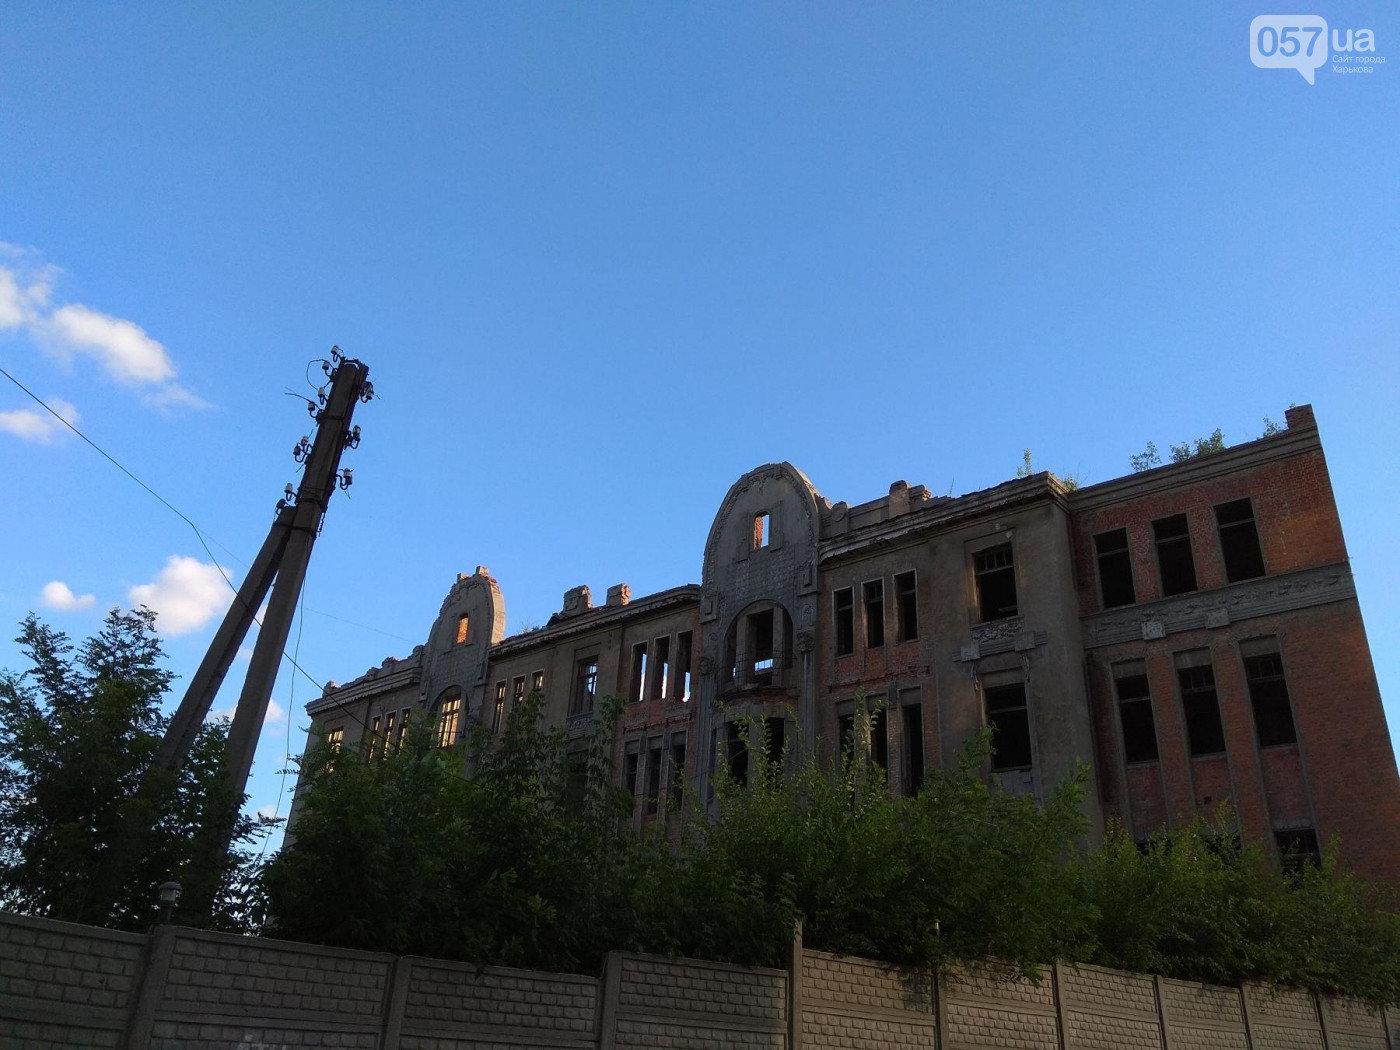 «Заброшки» Харькова. ТОП-5 разрушенных городских зданий, - ФОТО, фото-3